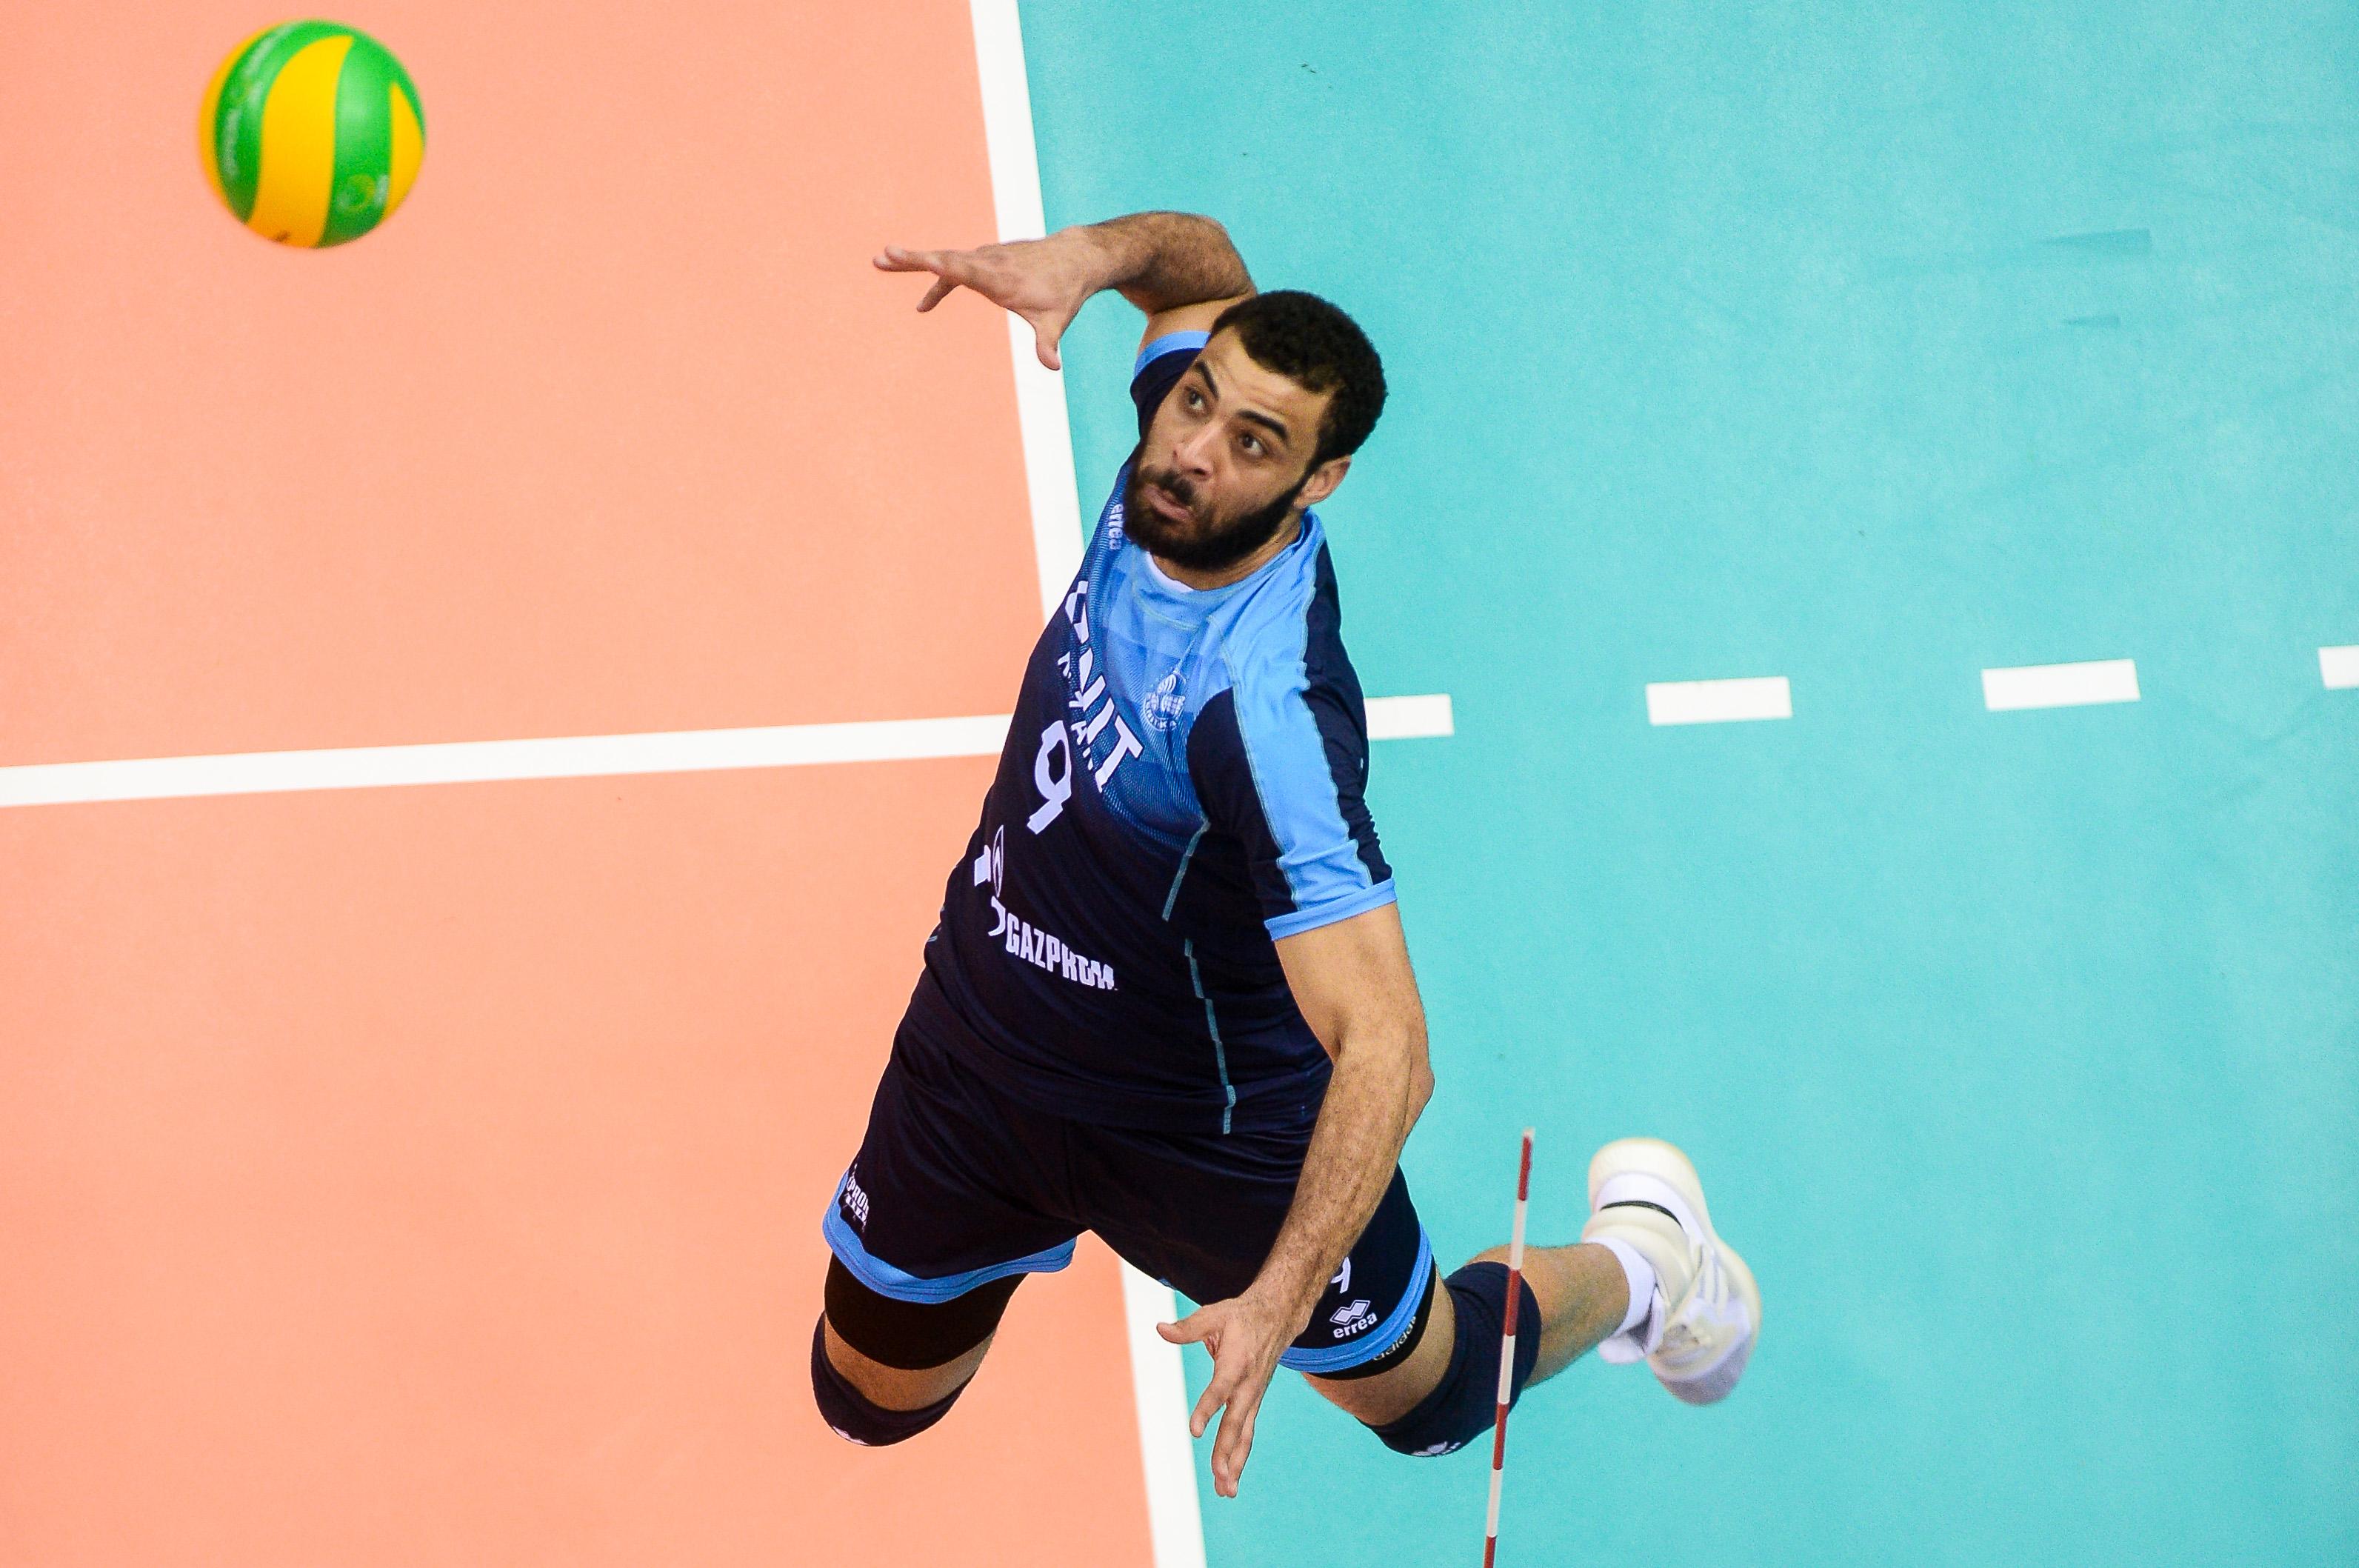 Volley - Ngapeth en finale de la Ligue des champions avec Kazan